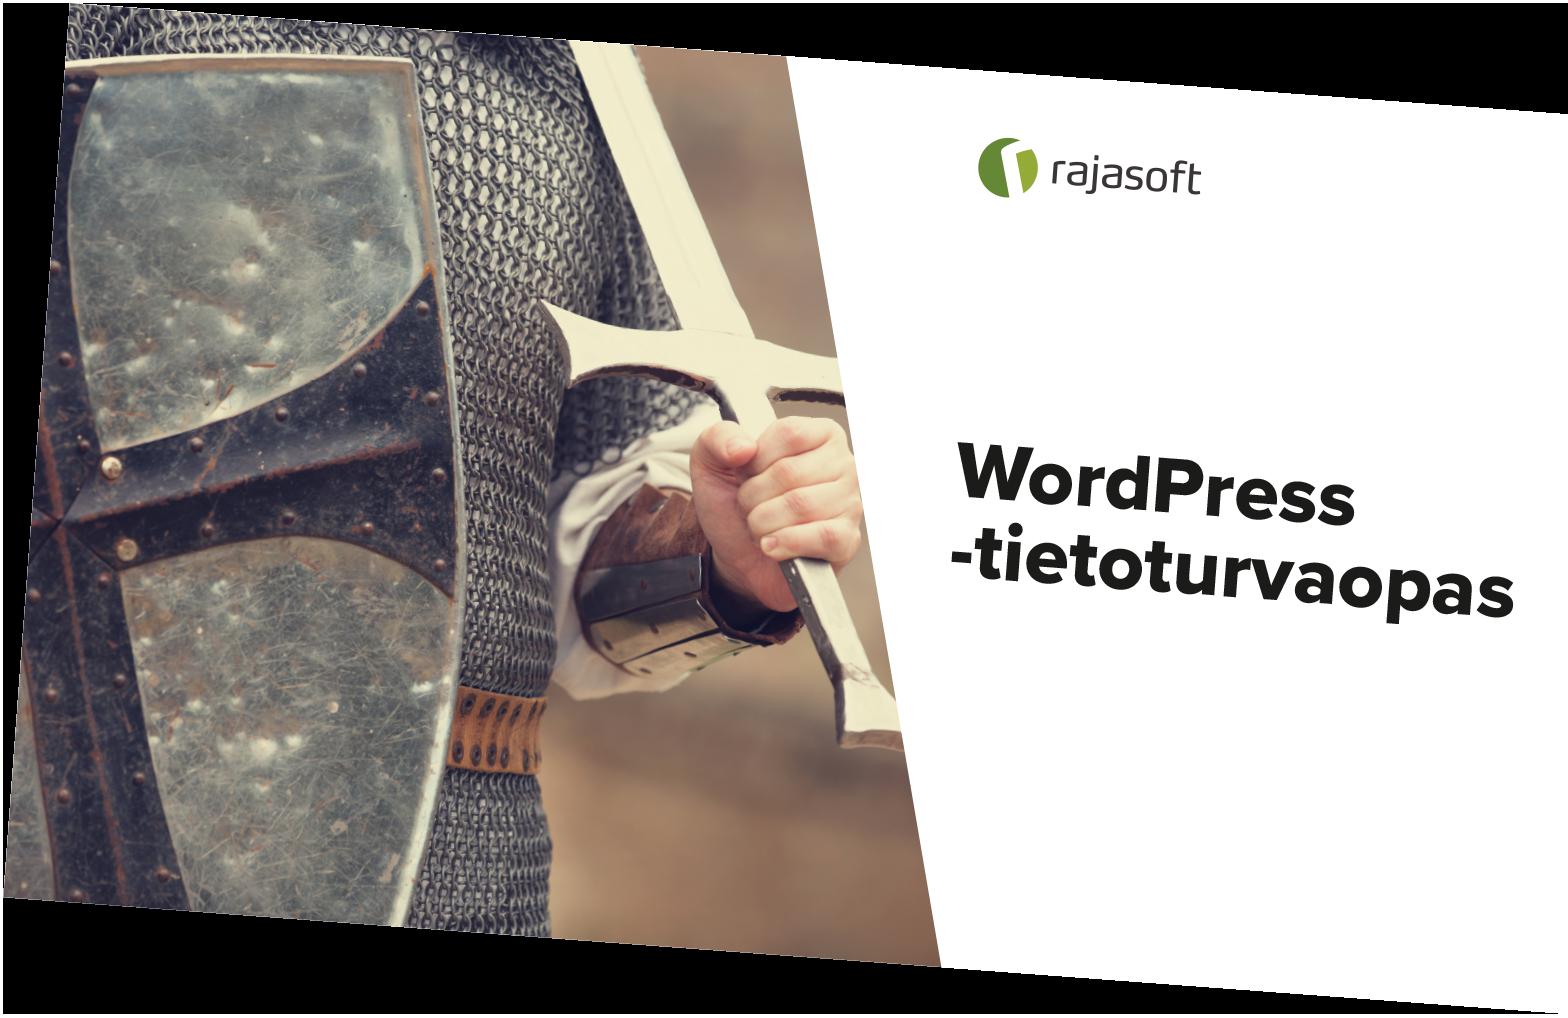 WordPress tietoturvaopas